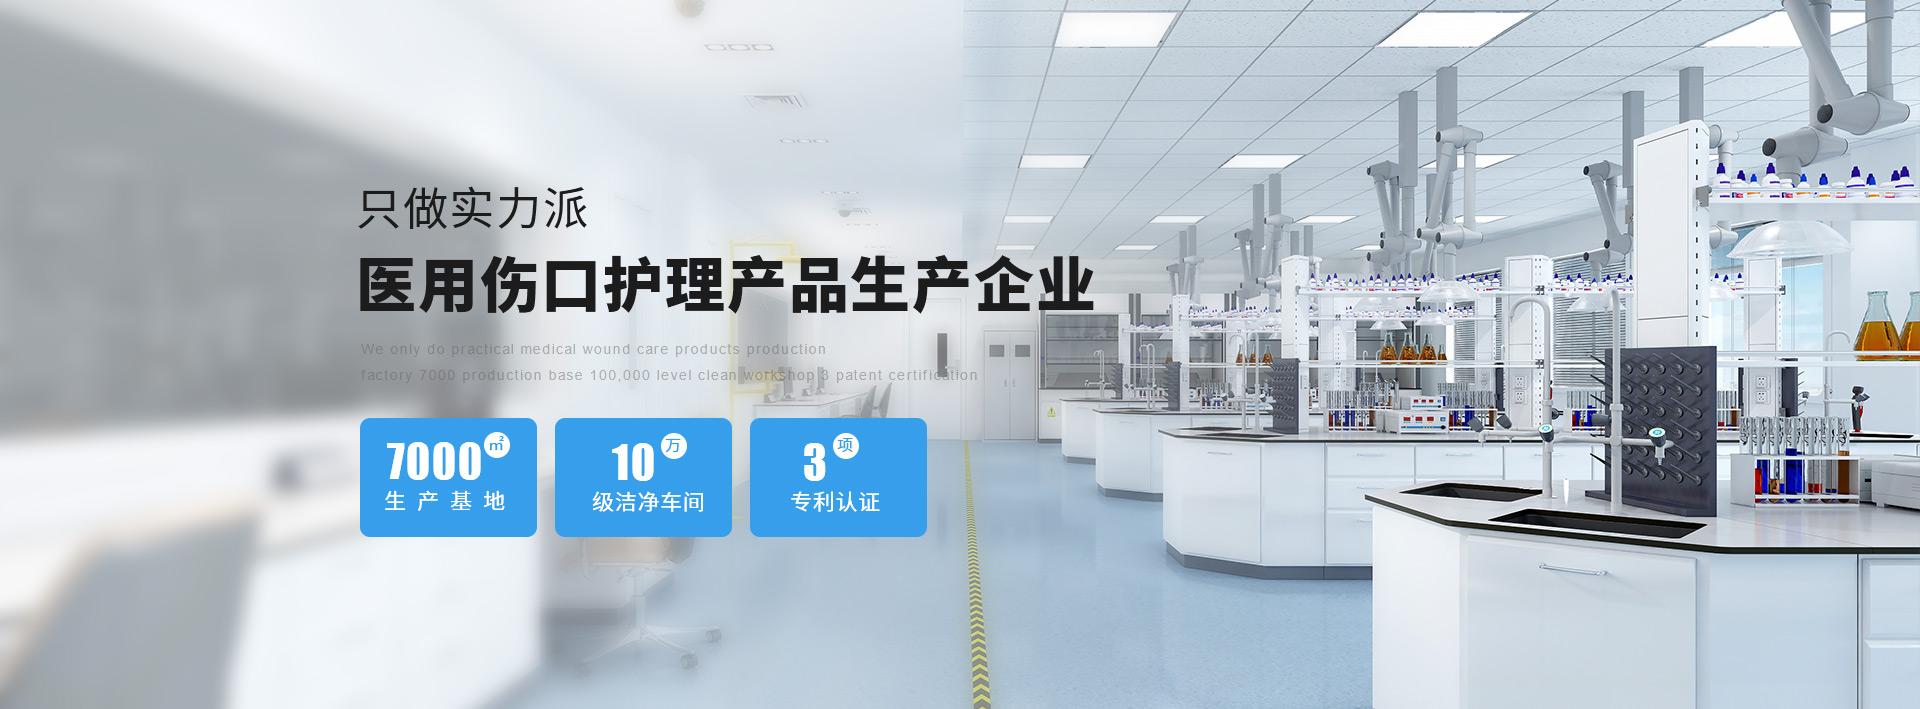 承东生物医用伤口护理产品生产企业